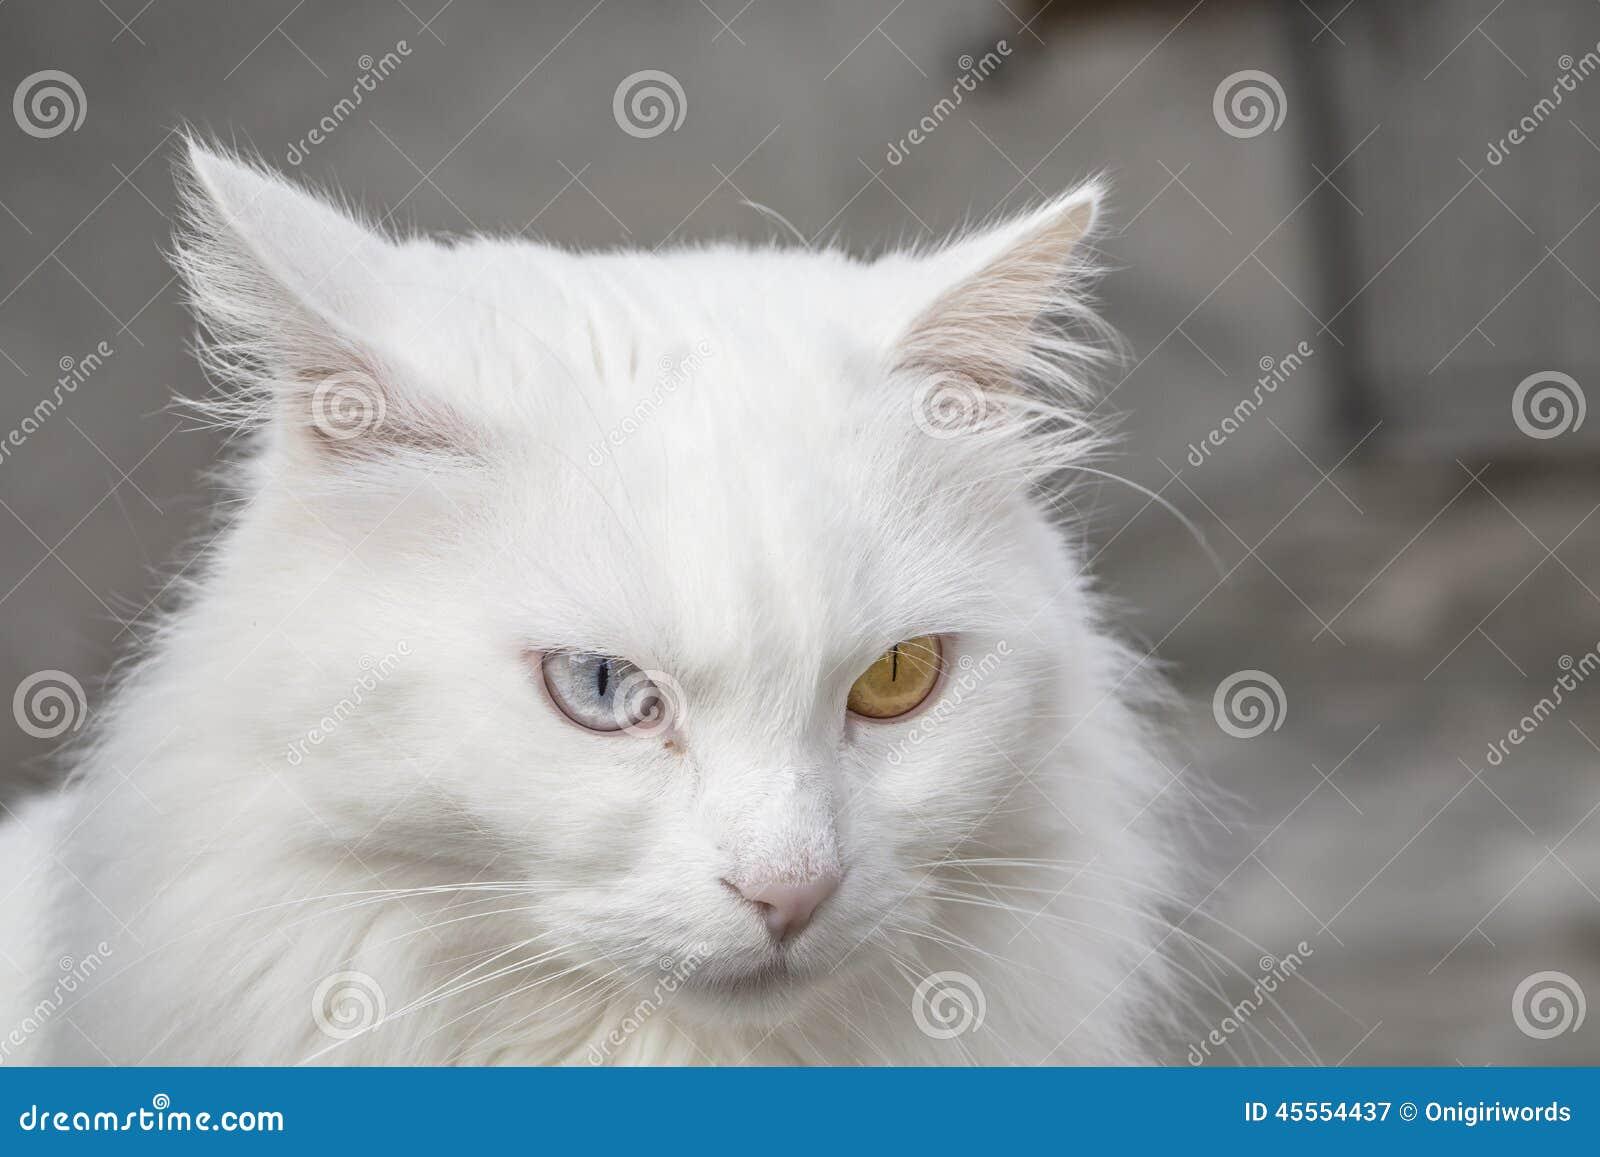 original cheshire cat